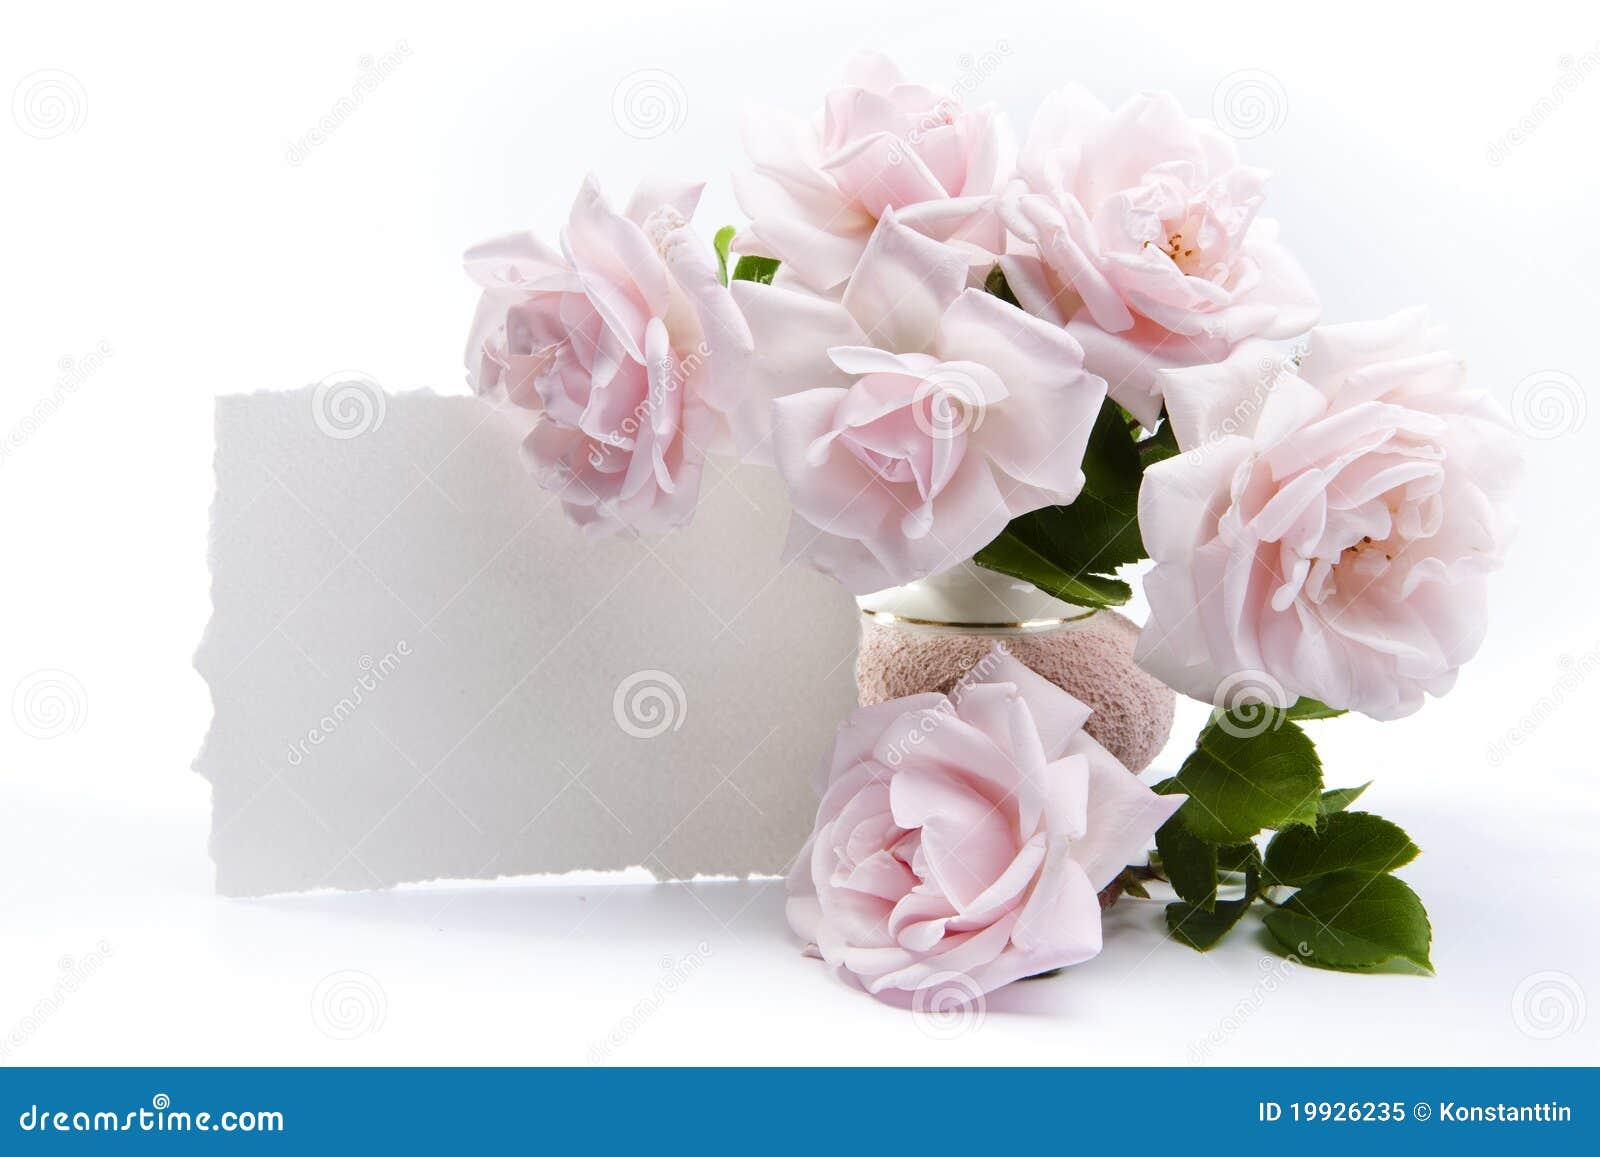 ramo de rosas para las tarjetas de felicitaci u00f3n rom u00e1nticas